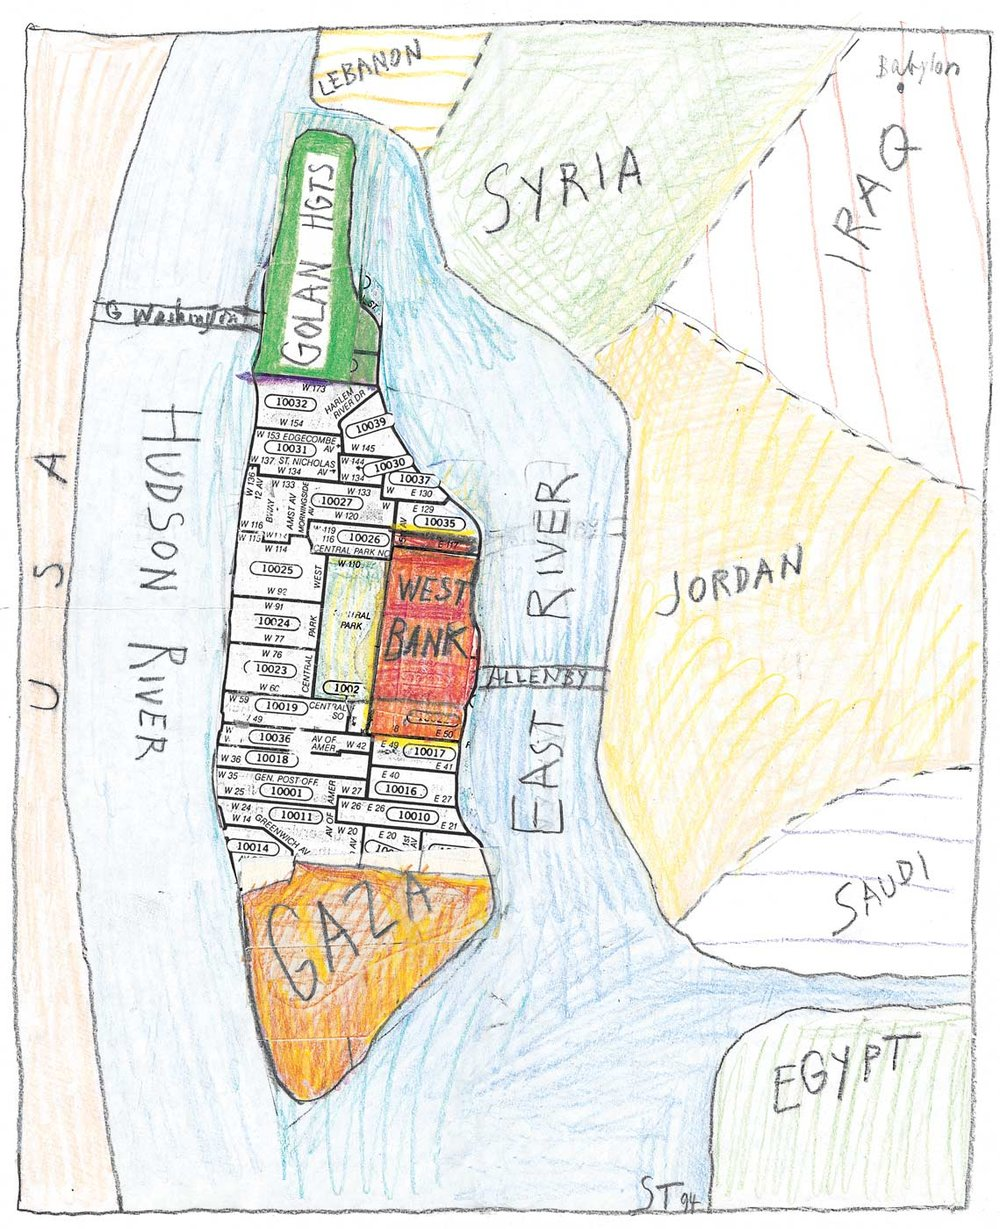 364.-USA-JORDAN-SSF-380-94.jpg